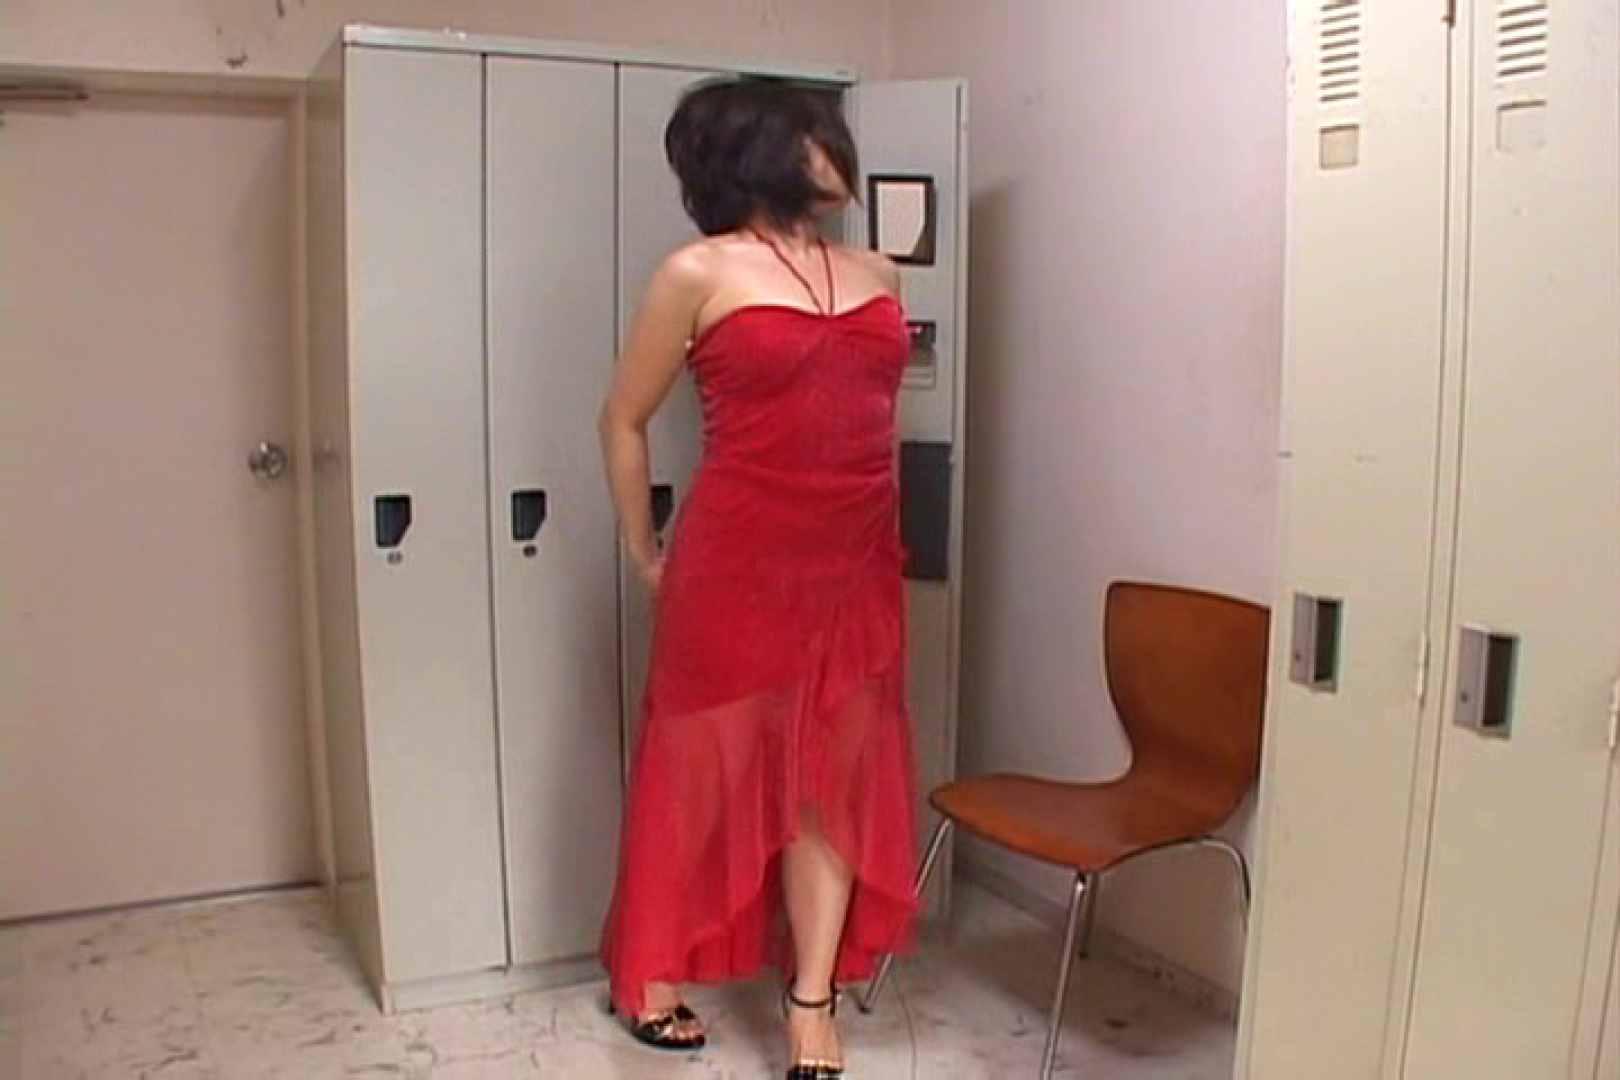 キャバ嬢舞台裏Vol.5 キャバ嬢の実態 オマンコ無修正動画無料 76pic 19